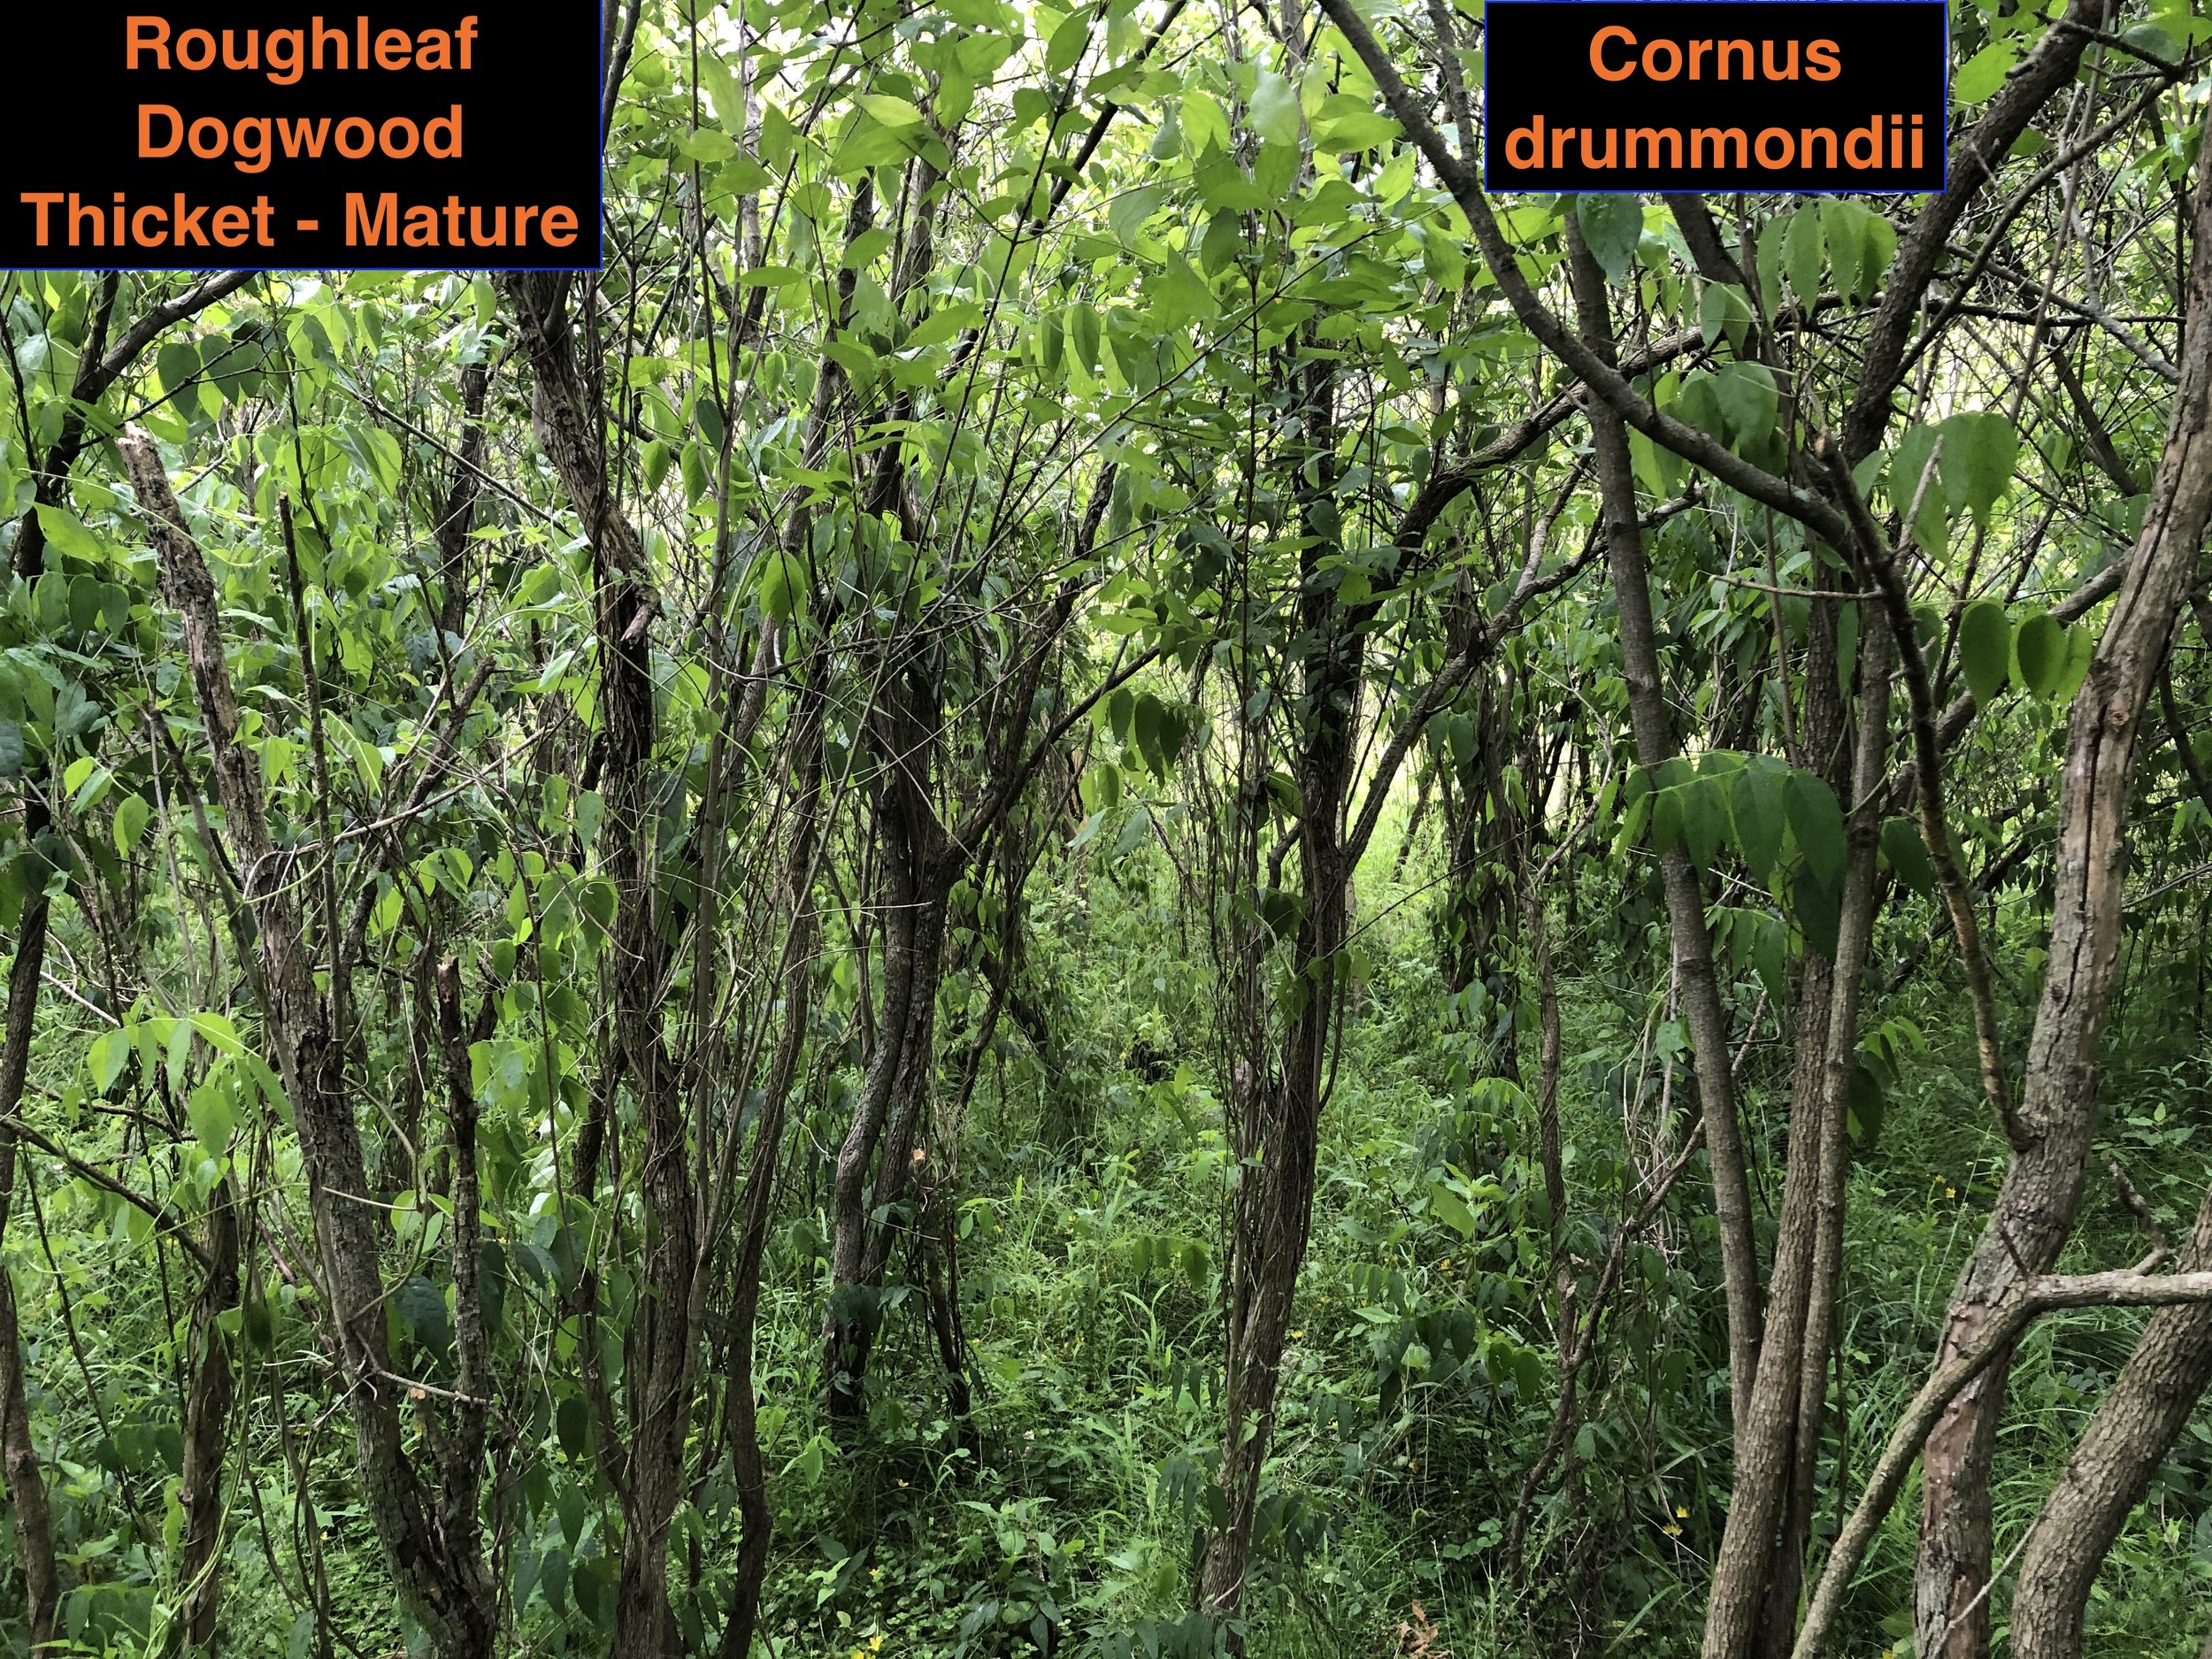 Roughleaf dogwood thicket .JPG